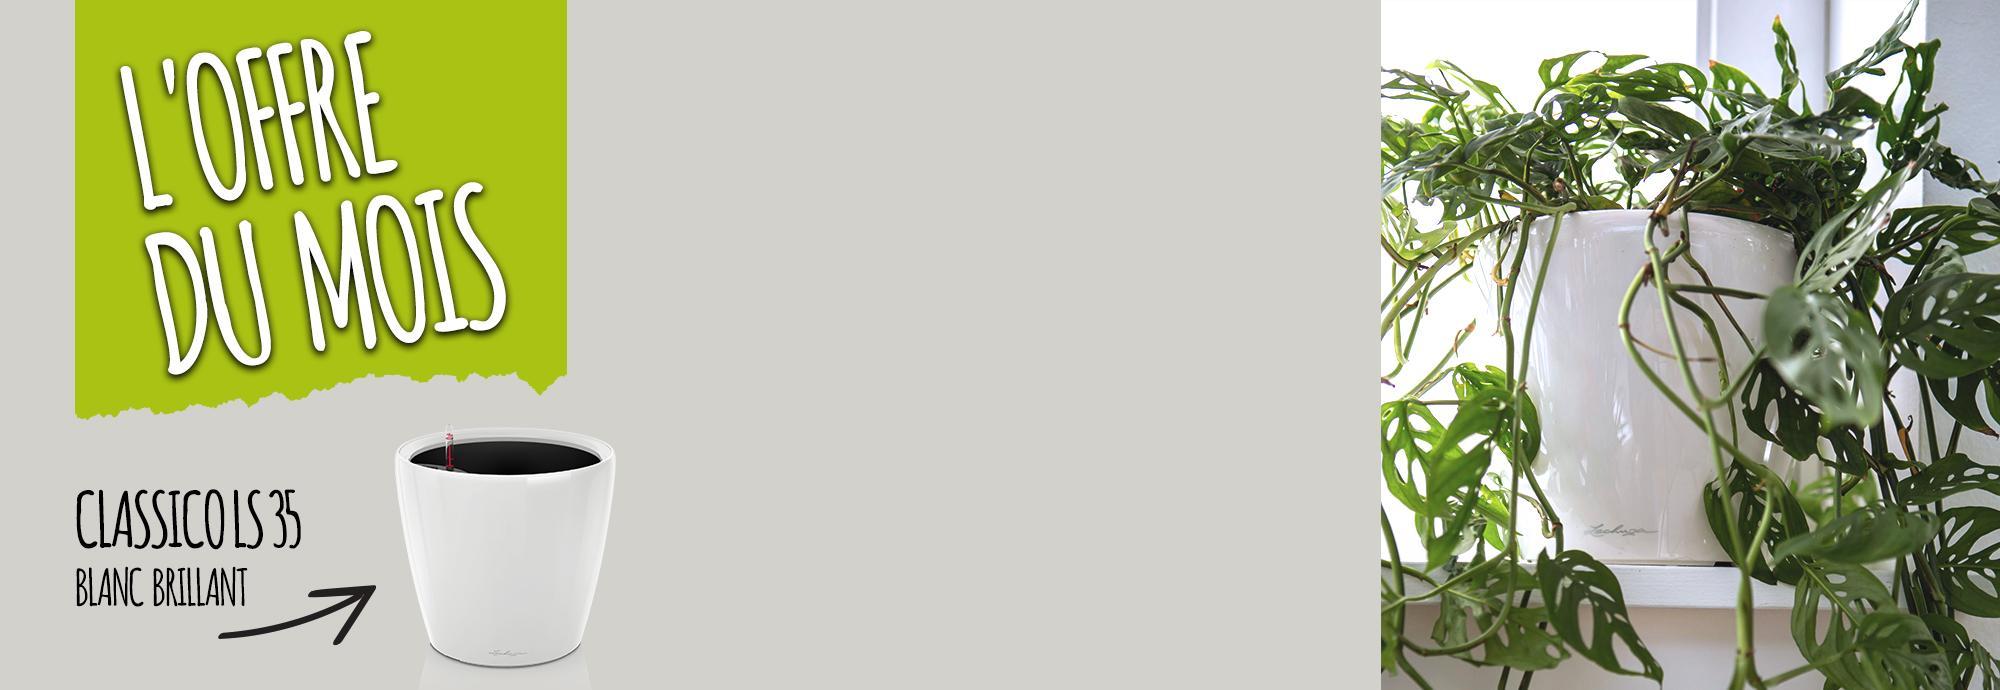 L'offre du Mois: 15% de réduction pour l'achat du CLASSICO LS 35 blanc